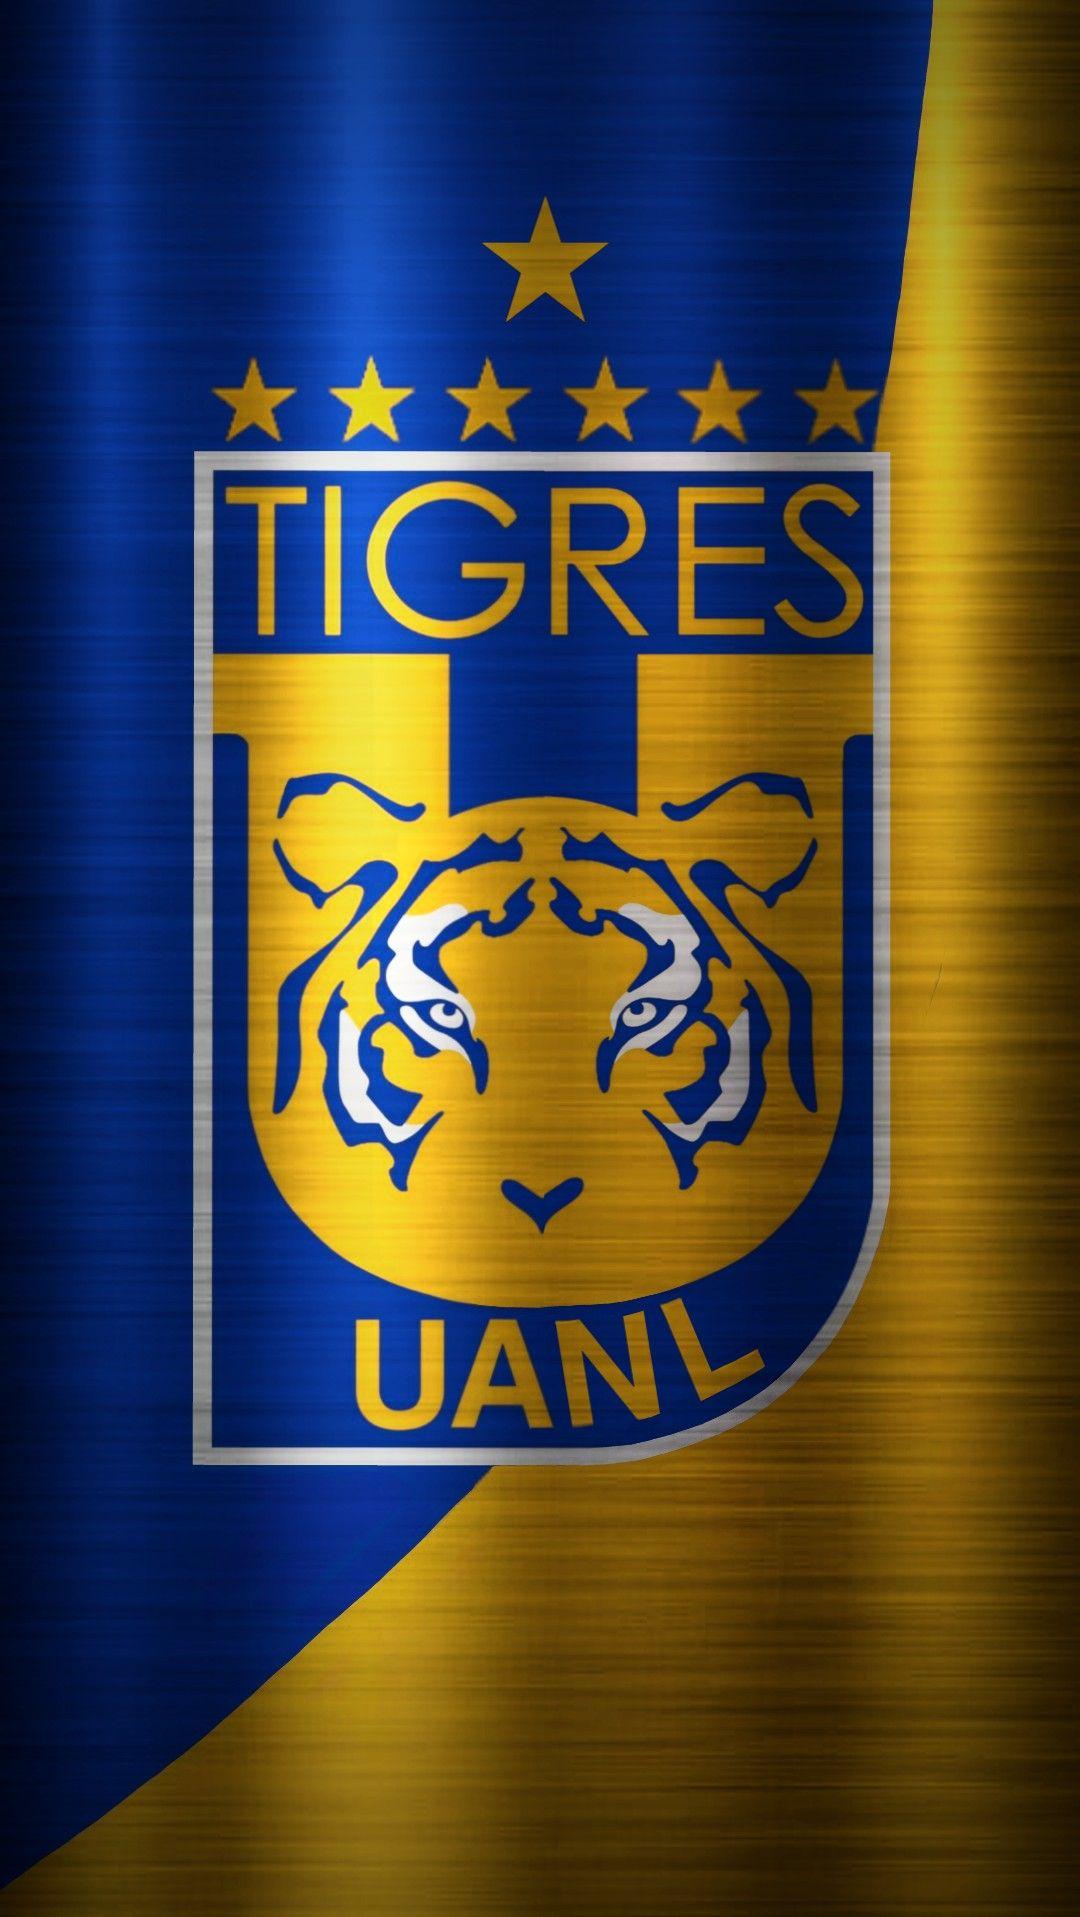 Fondo de Pantalla del Escudo de Tigres UANL 7 estrellas